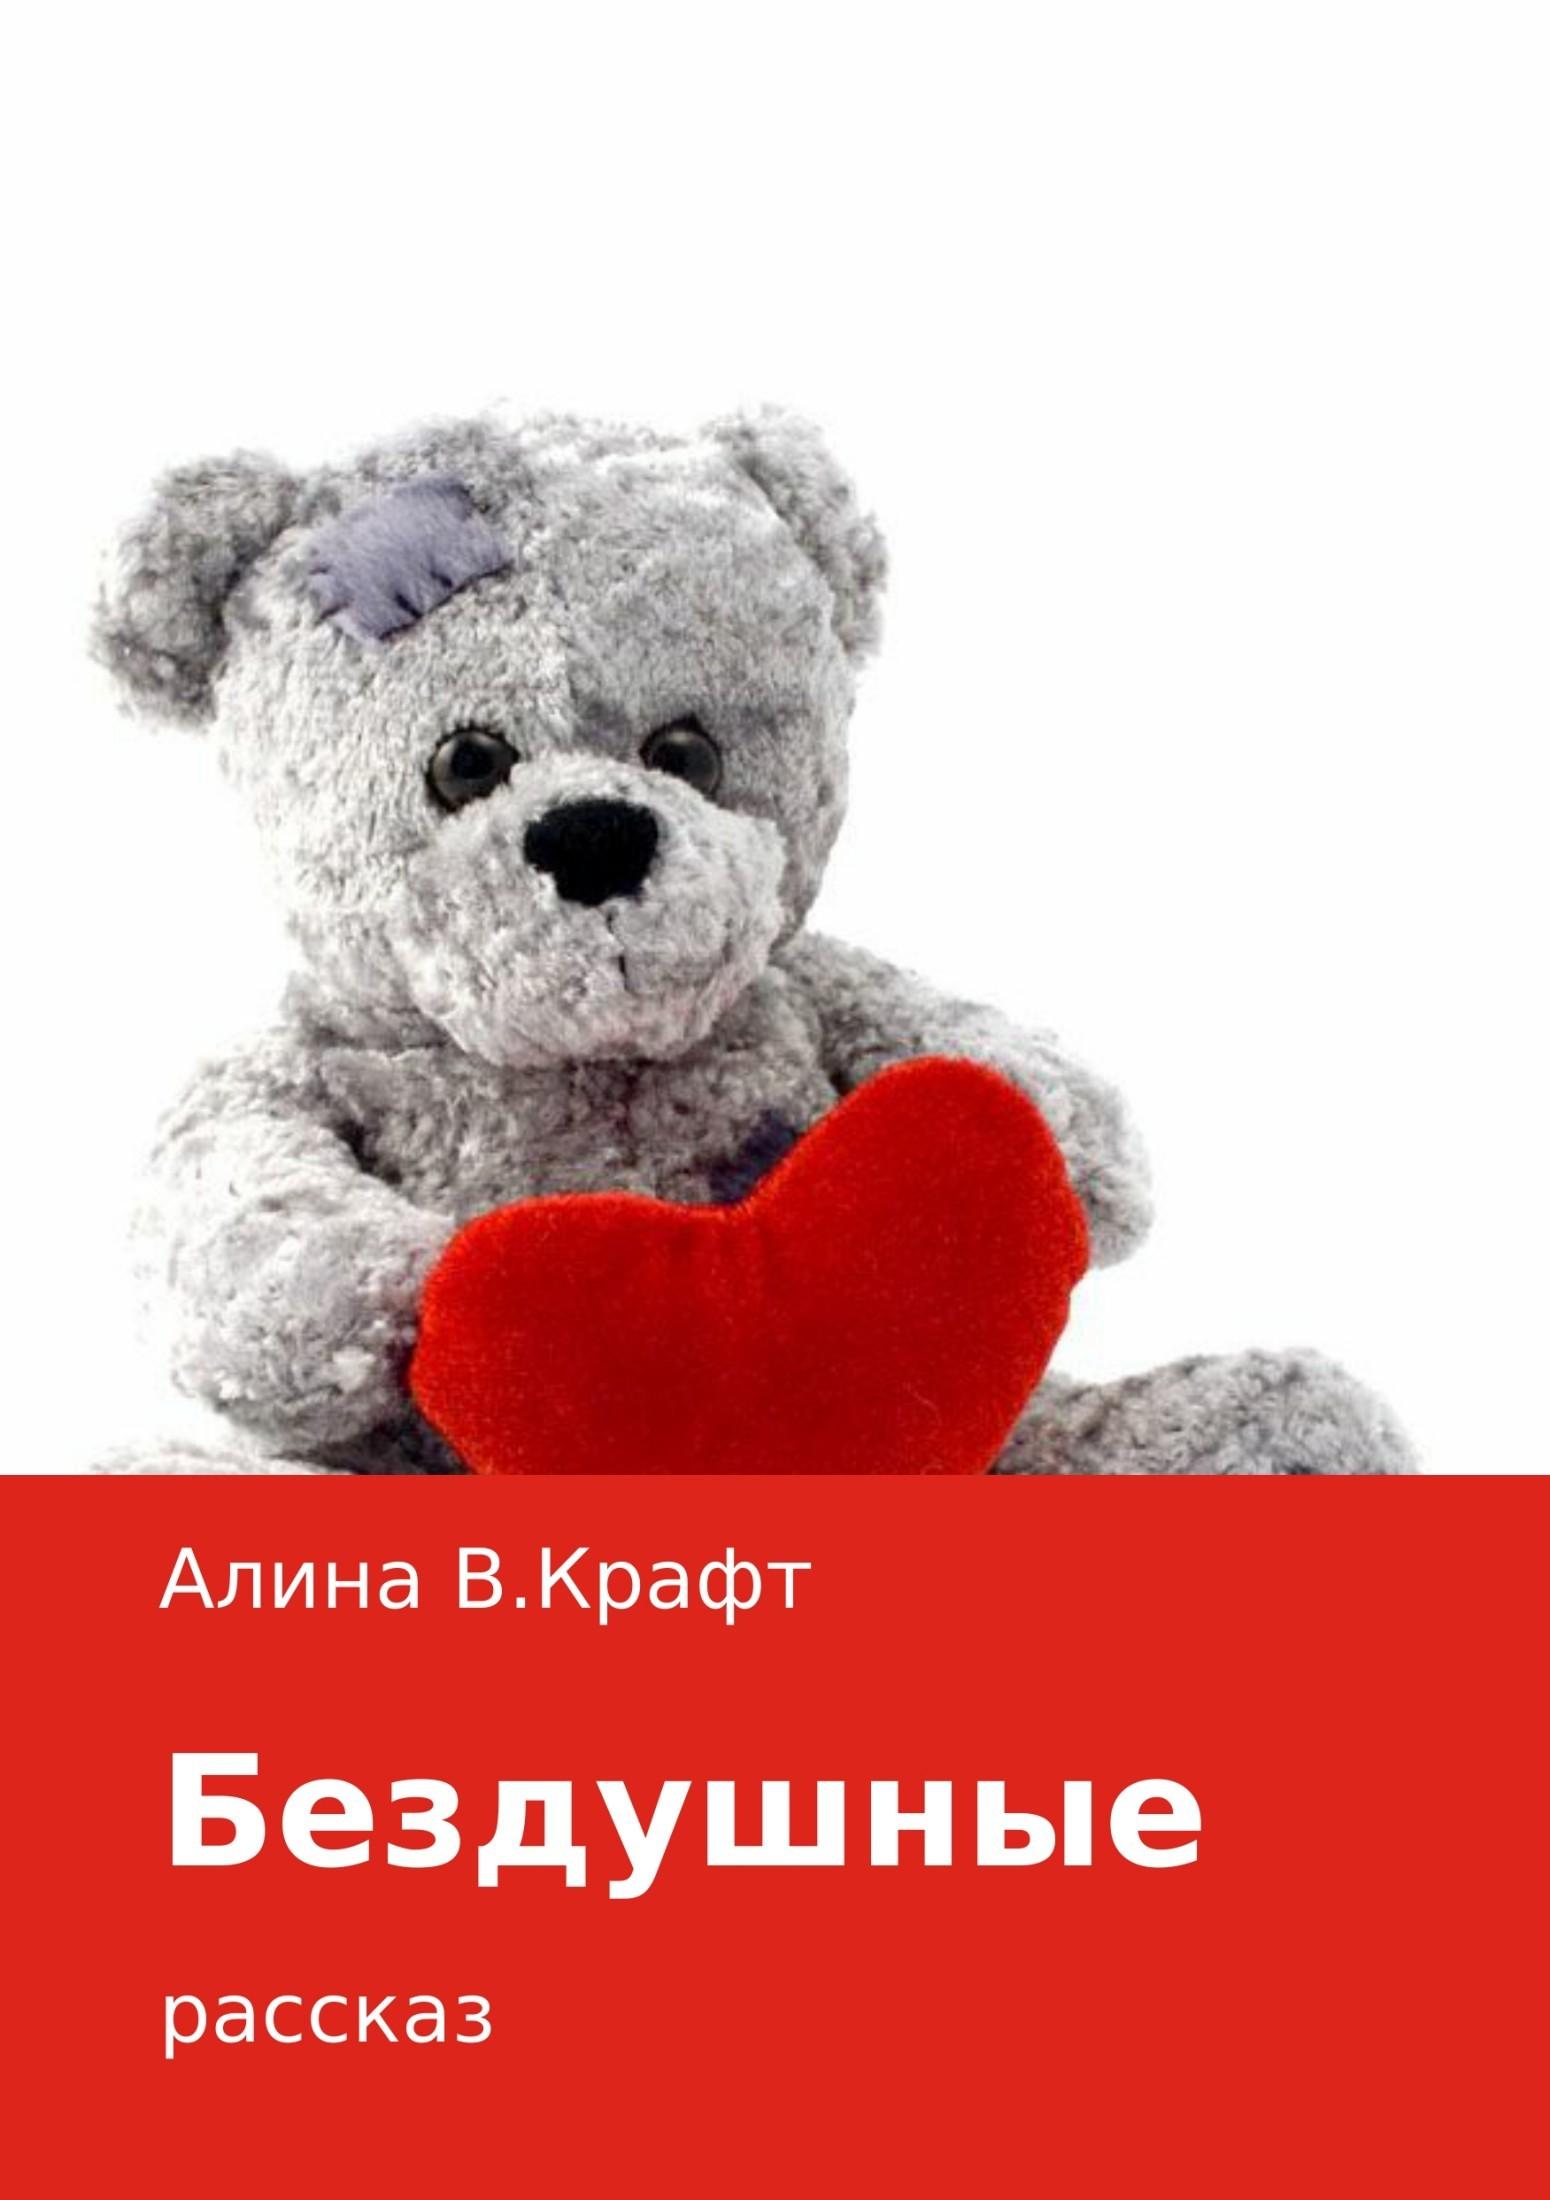 Алина В. Крафт Бездушные препарат флексинова где можно купить в омске